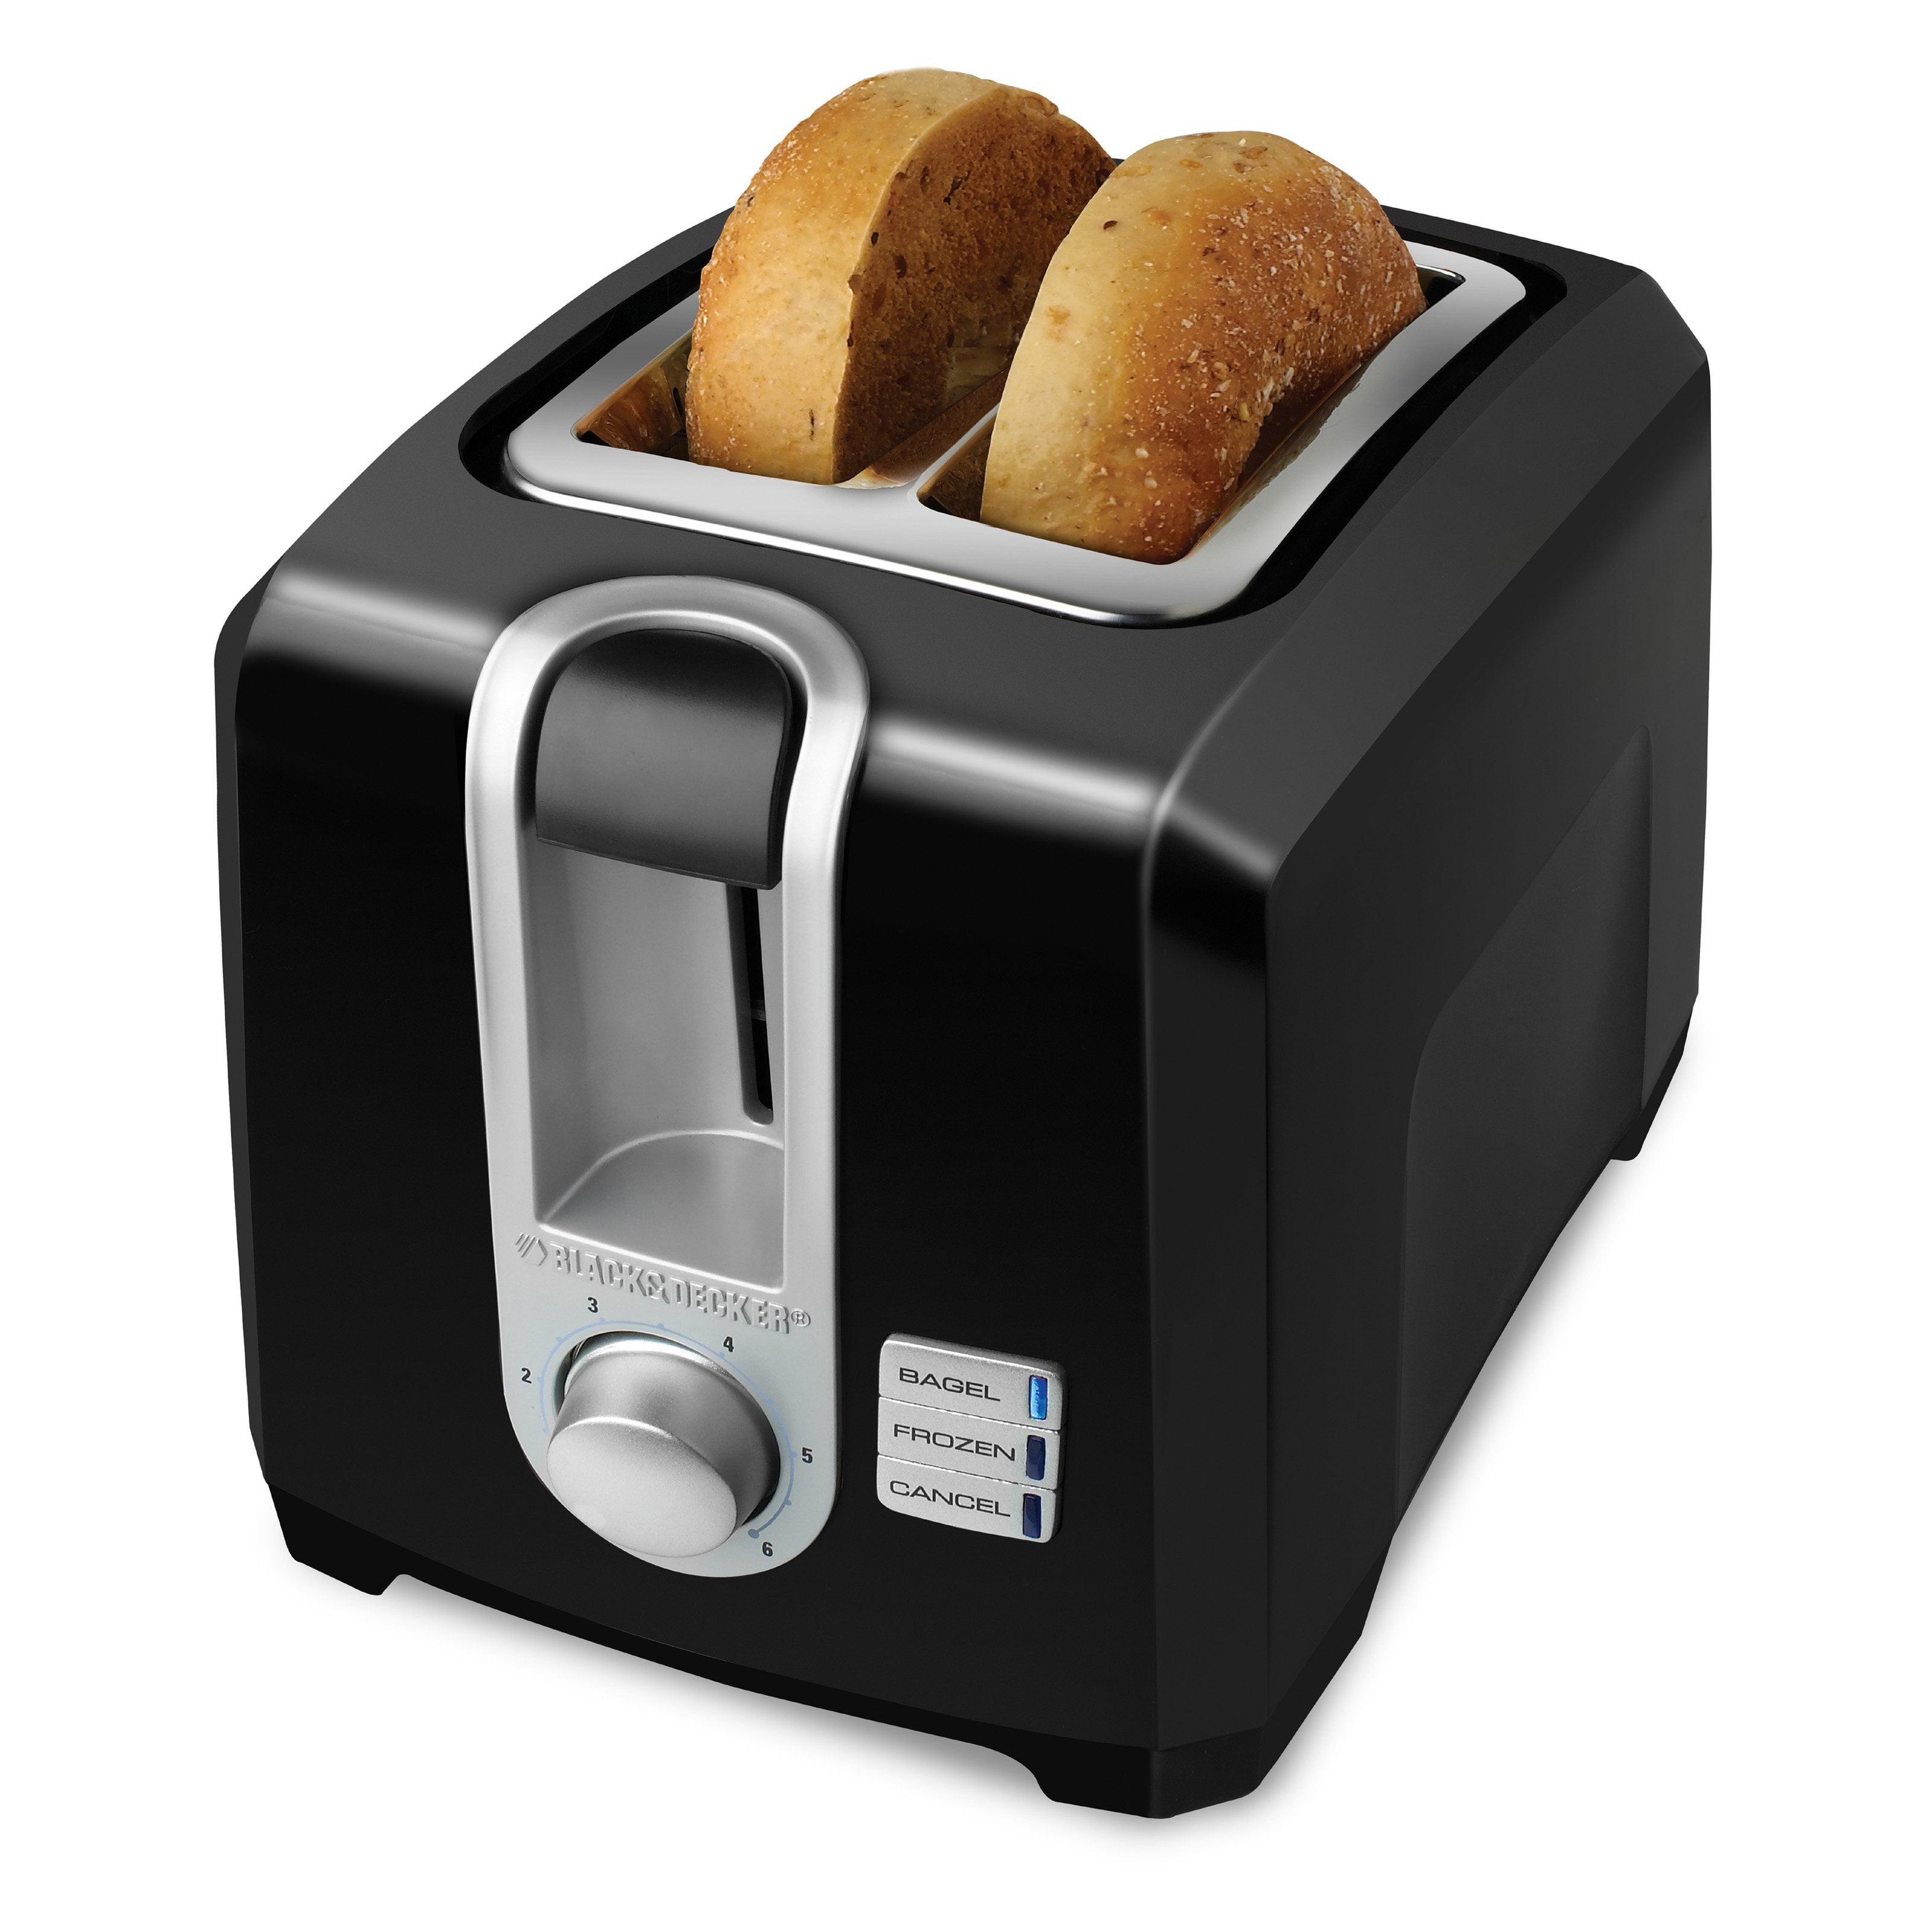 Black & Decker 2-Slice Toaster, Black by Black & Decker